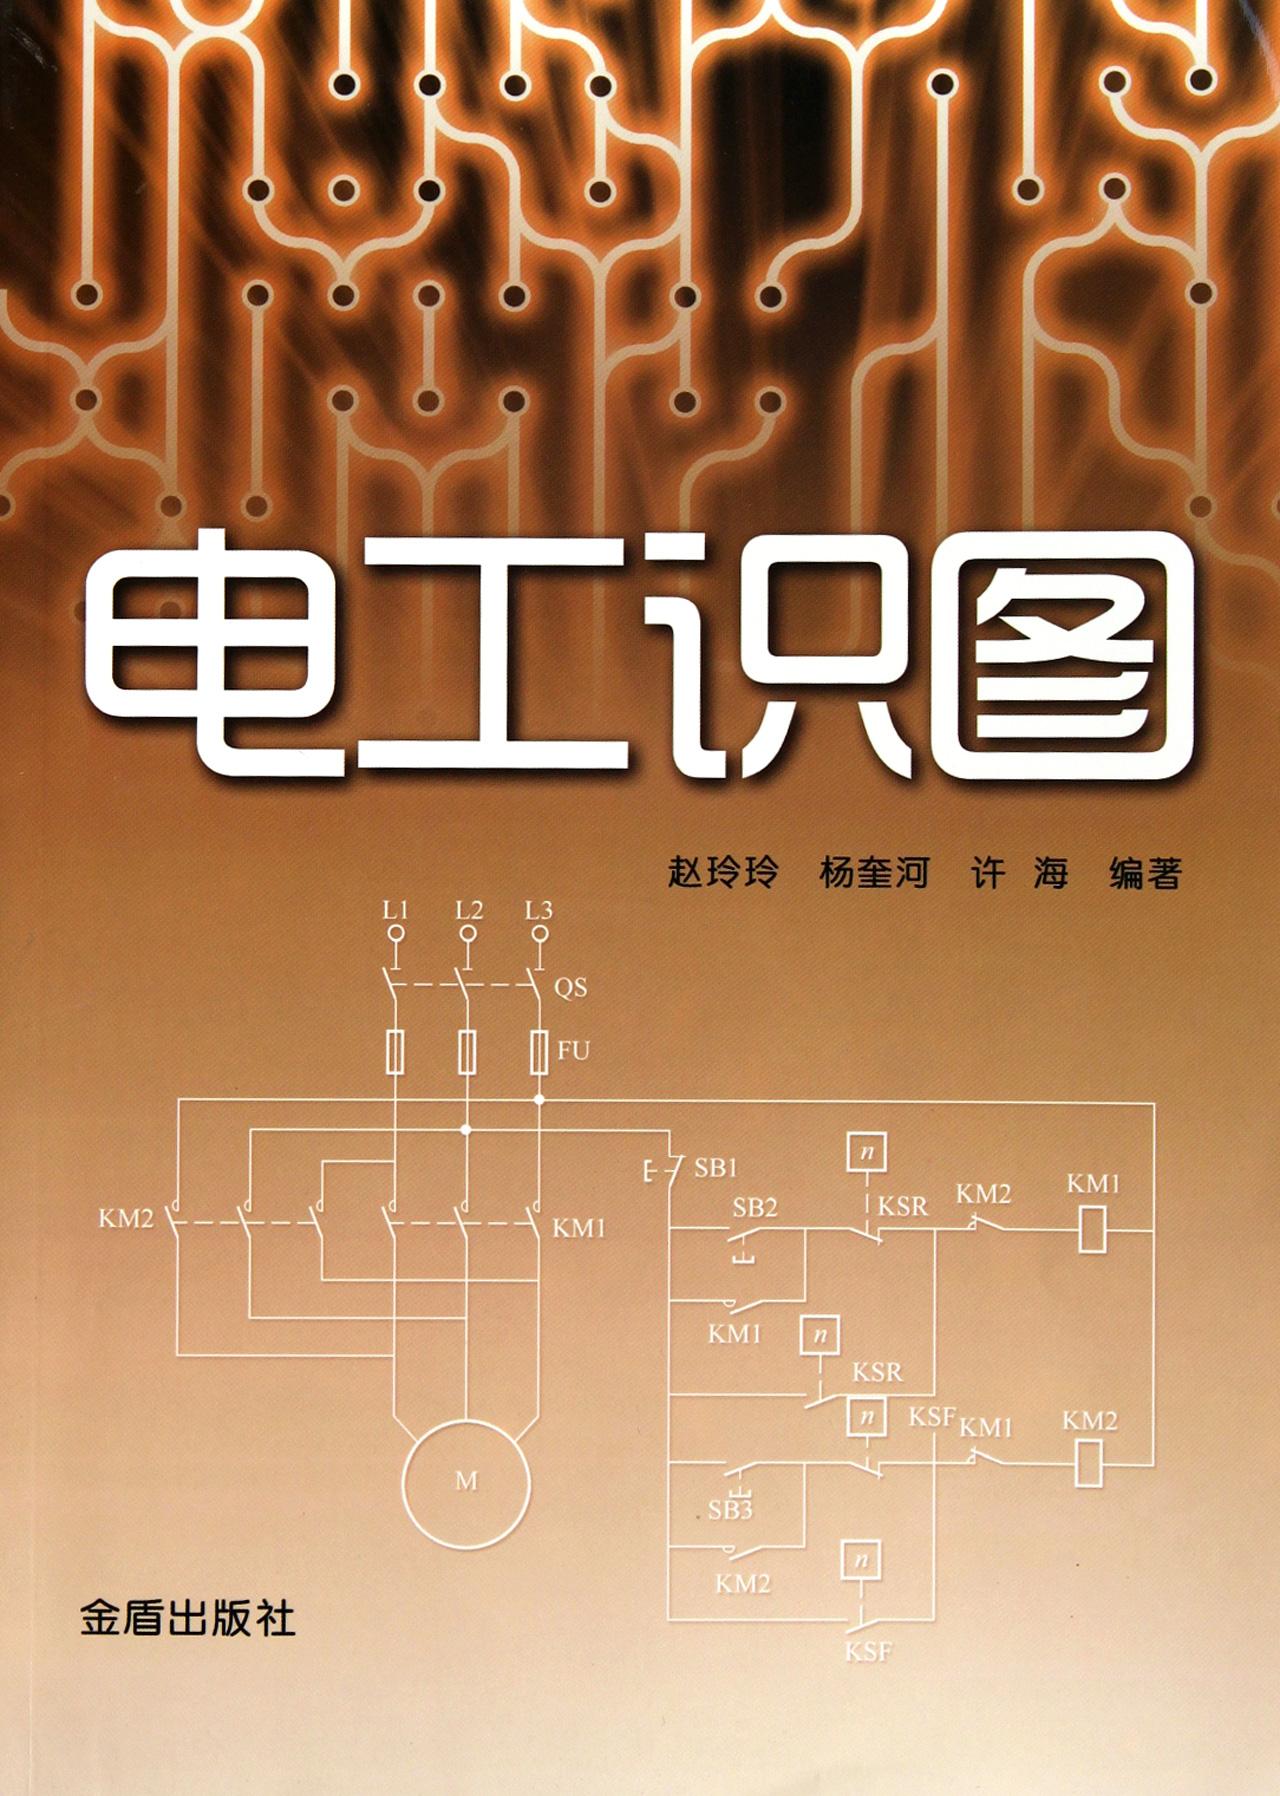 适合初,中级电工和工程技术人员阅读参考,也可作为技校,中高等职业